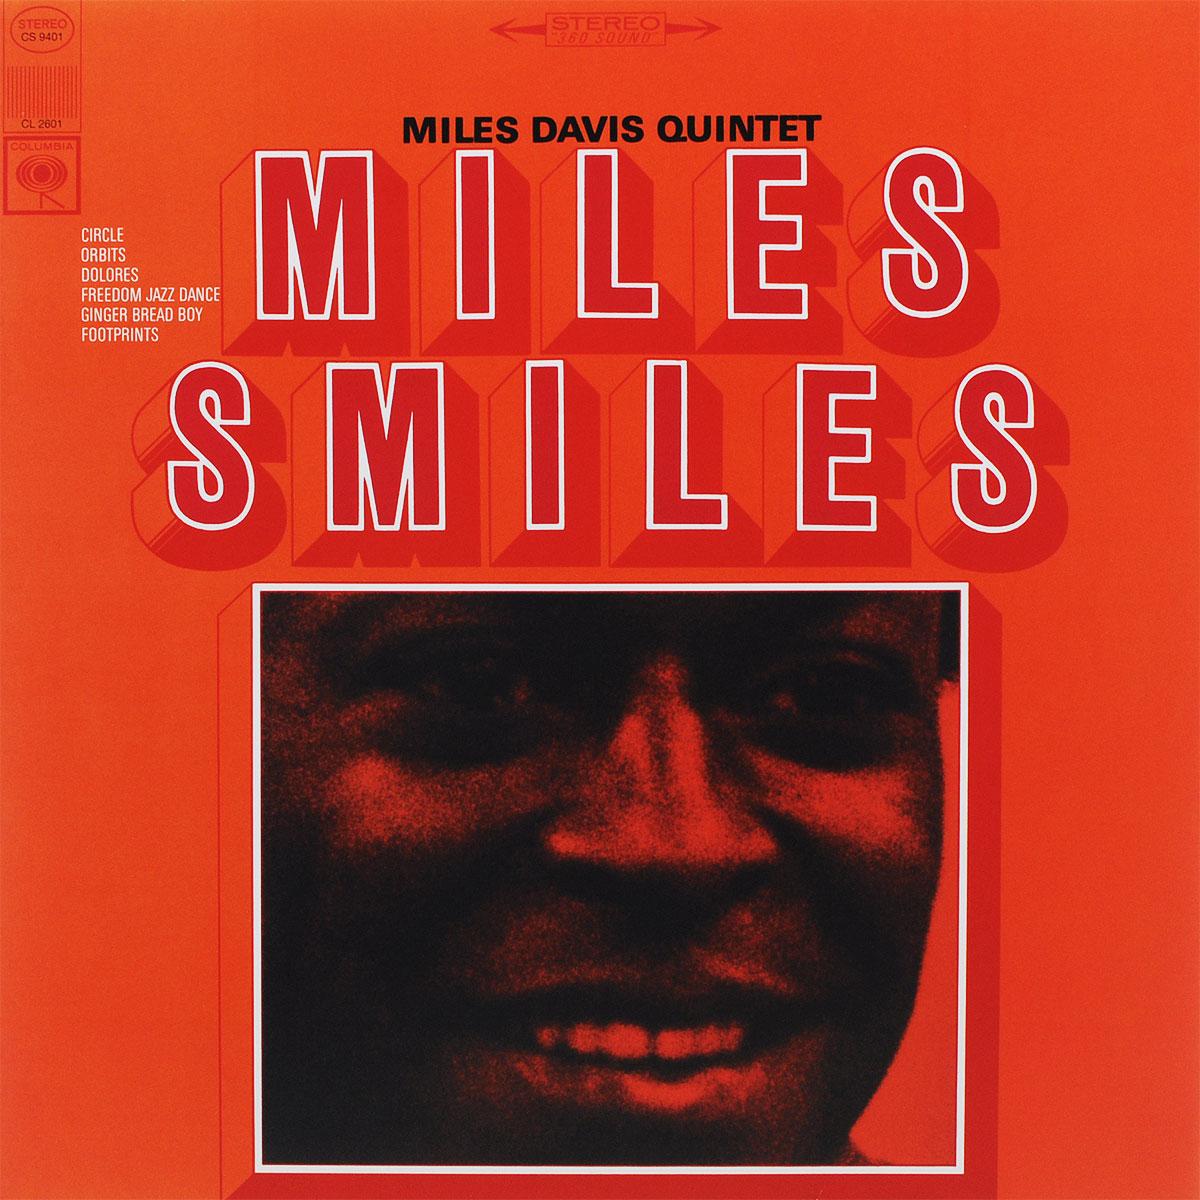 Майлз Дэвис,Miles Davis Quintet DAVIS, MILES -QUINTET- Miles Smiles -Hq- LP